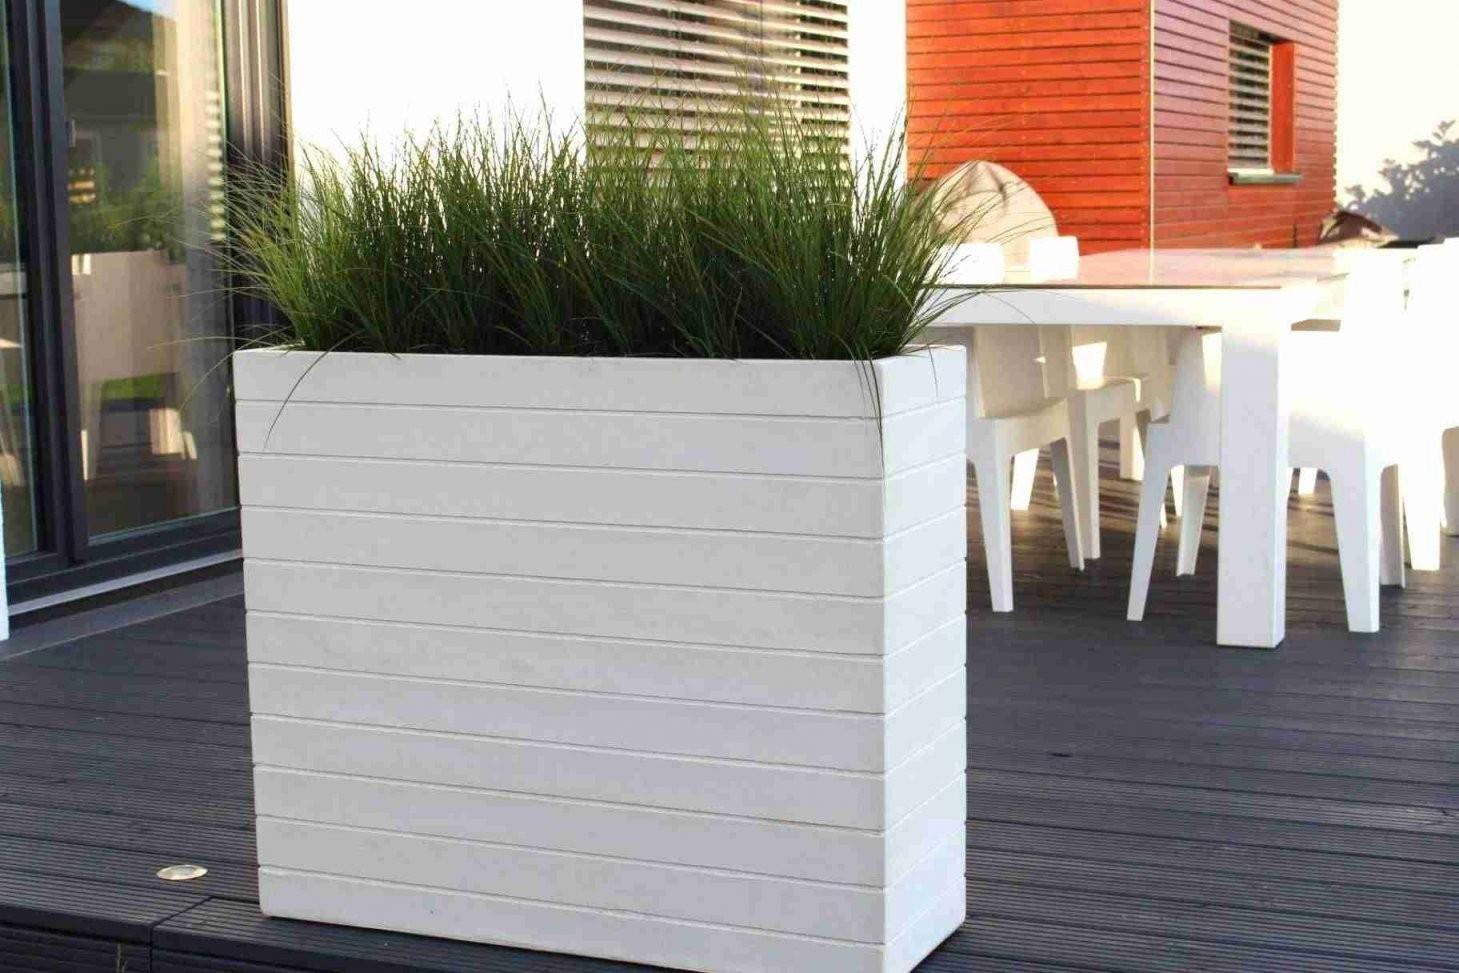 Terrasse Sichtschutz Selber Bauen Luxus Sichtschutz Aus Paletten von Sichtschutz Aus Paletten Selber Bauen Bild